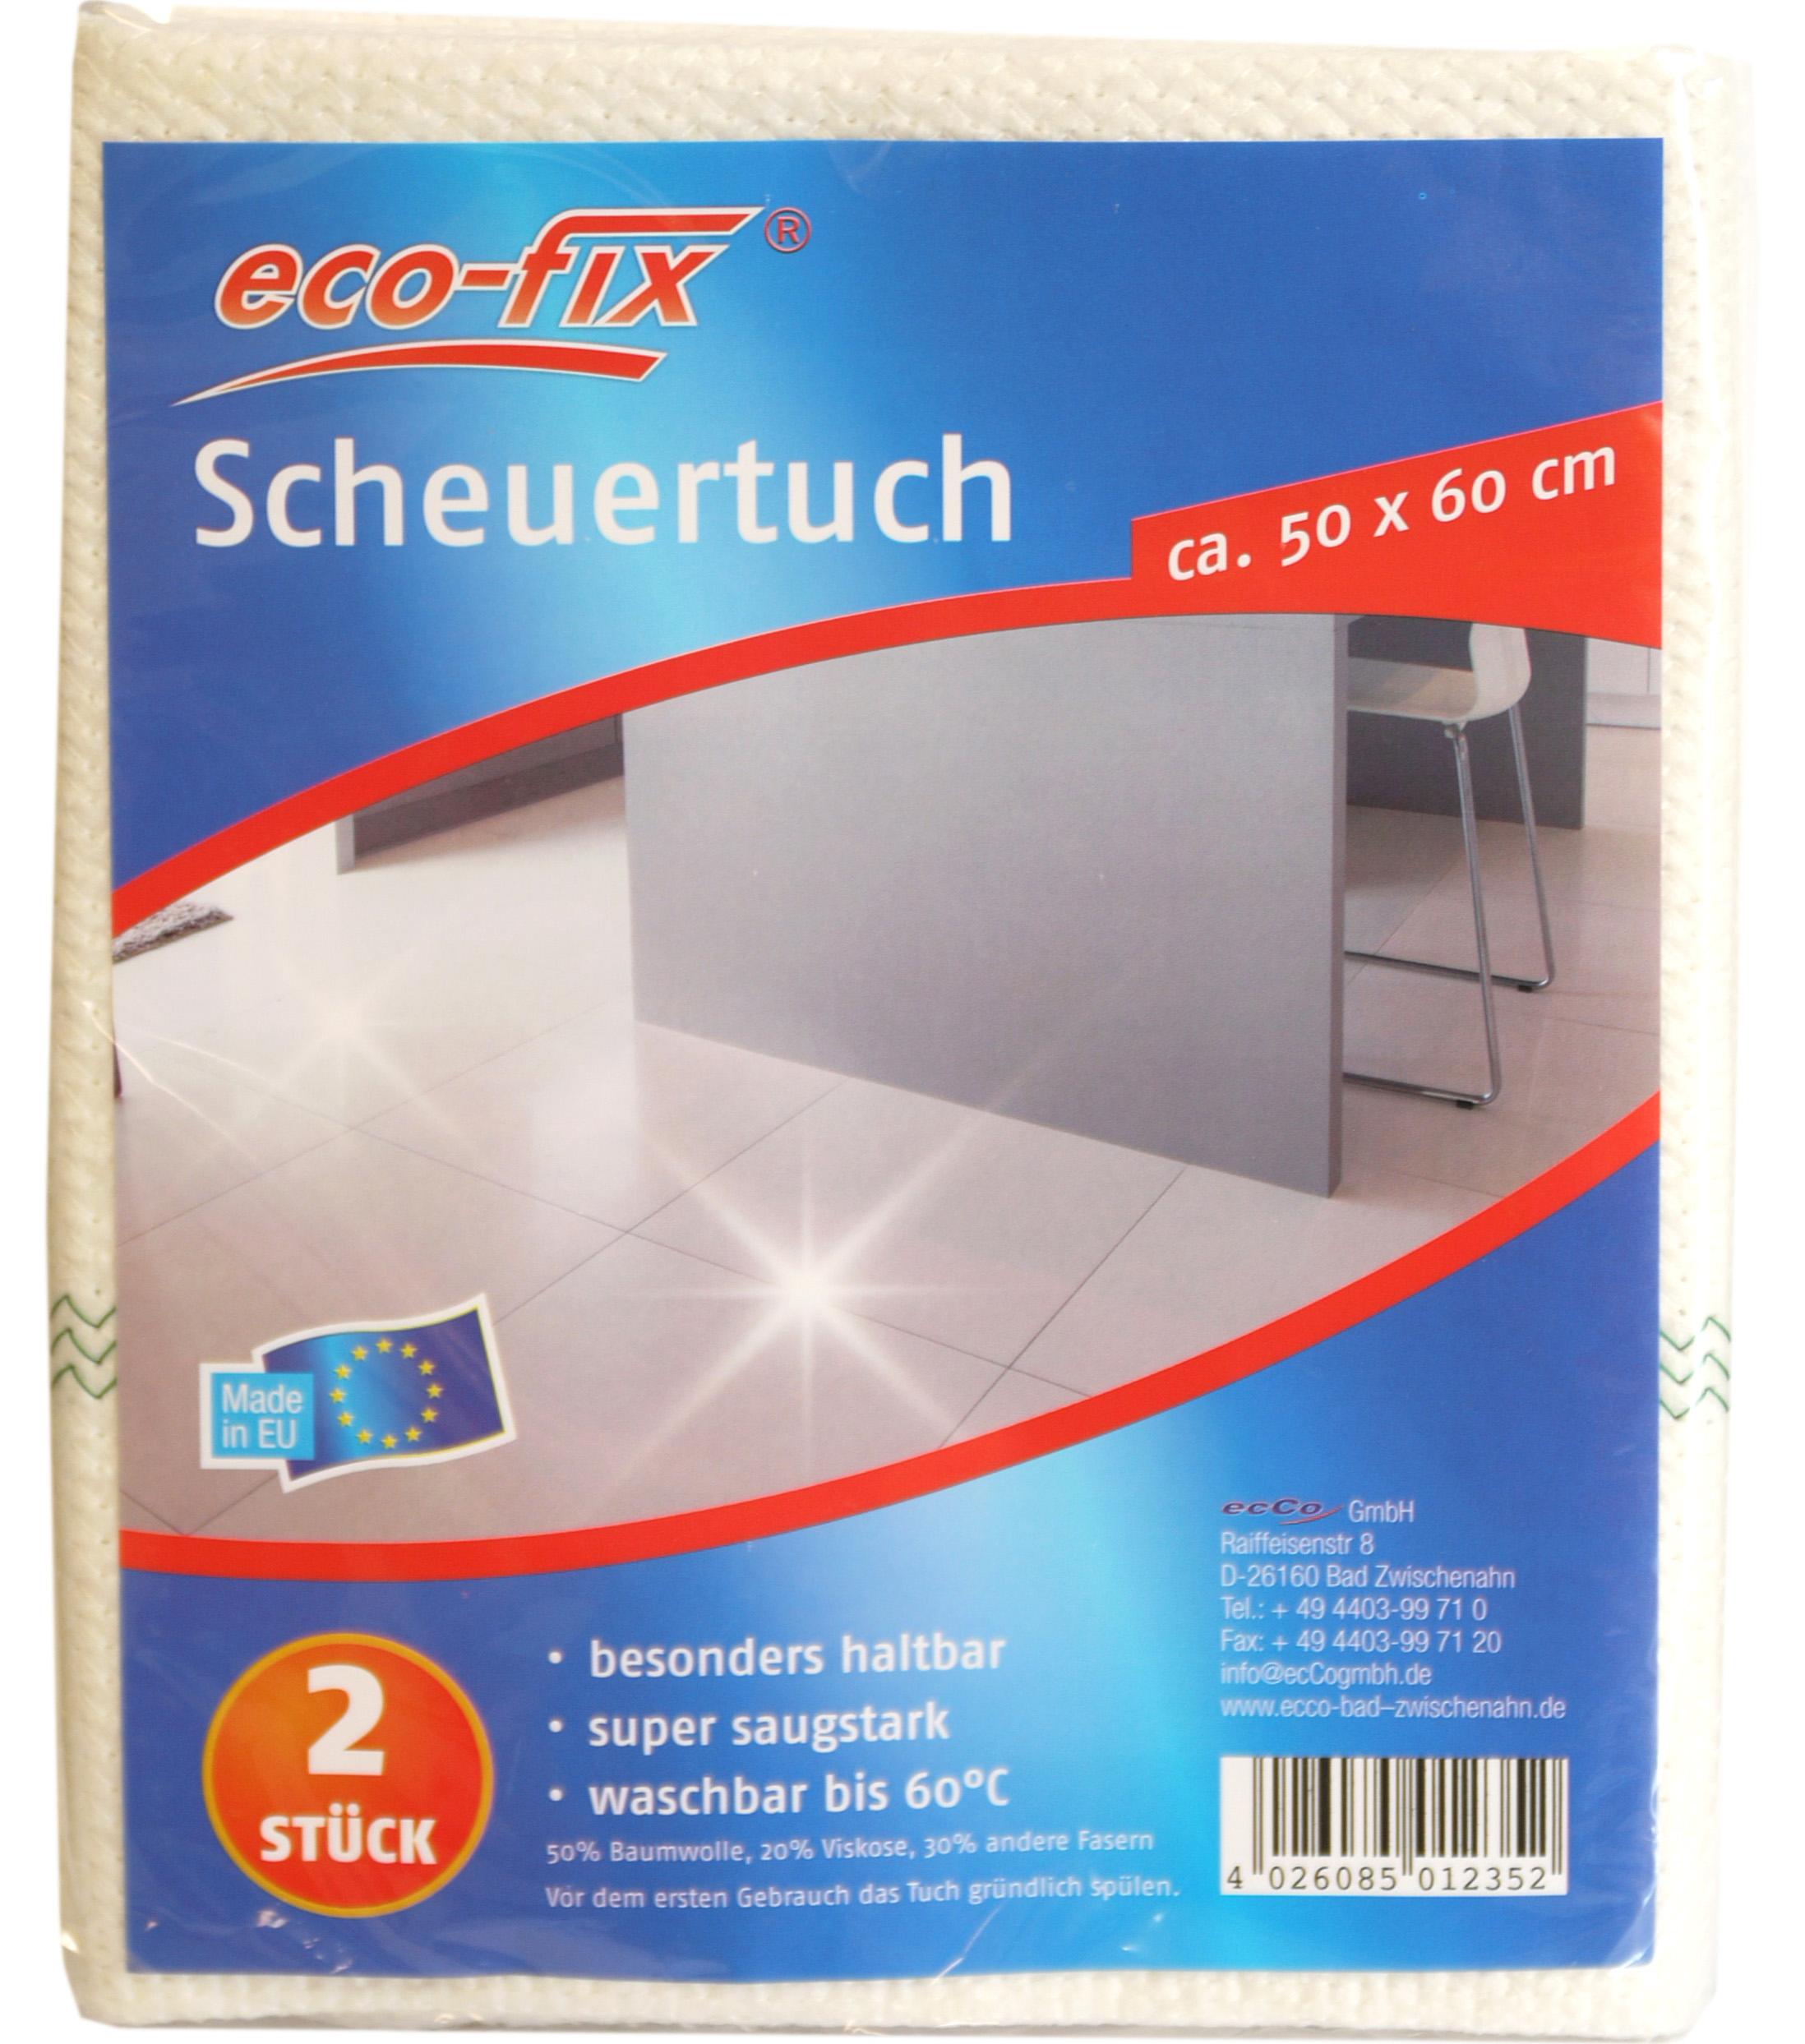 01235 - eco-fix Scheuertuch 2er 50x60 cm